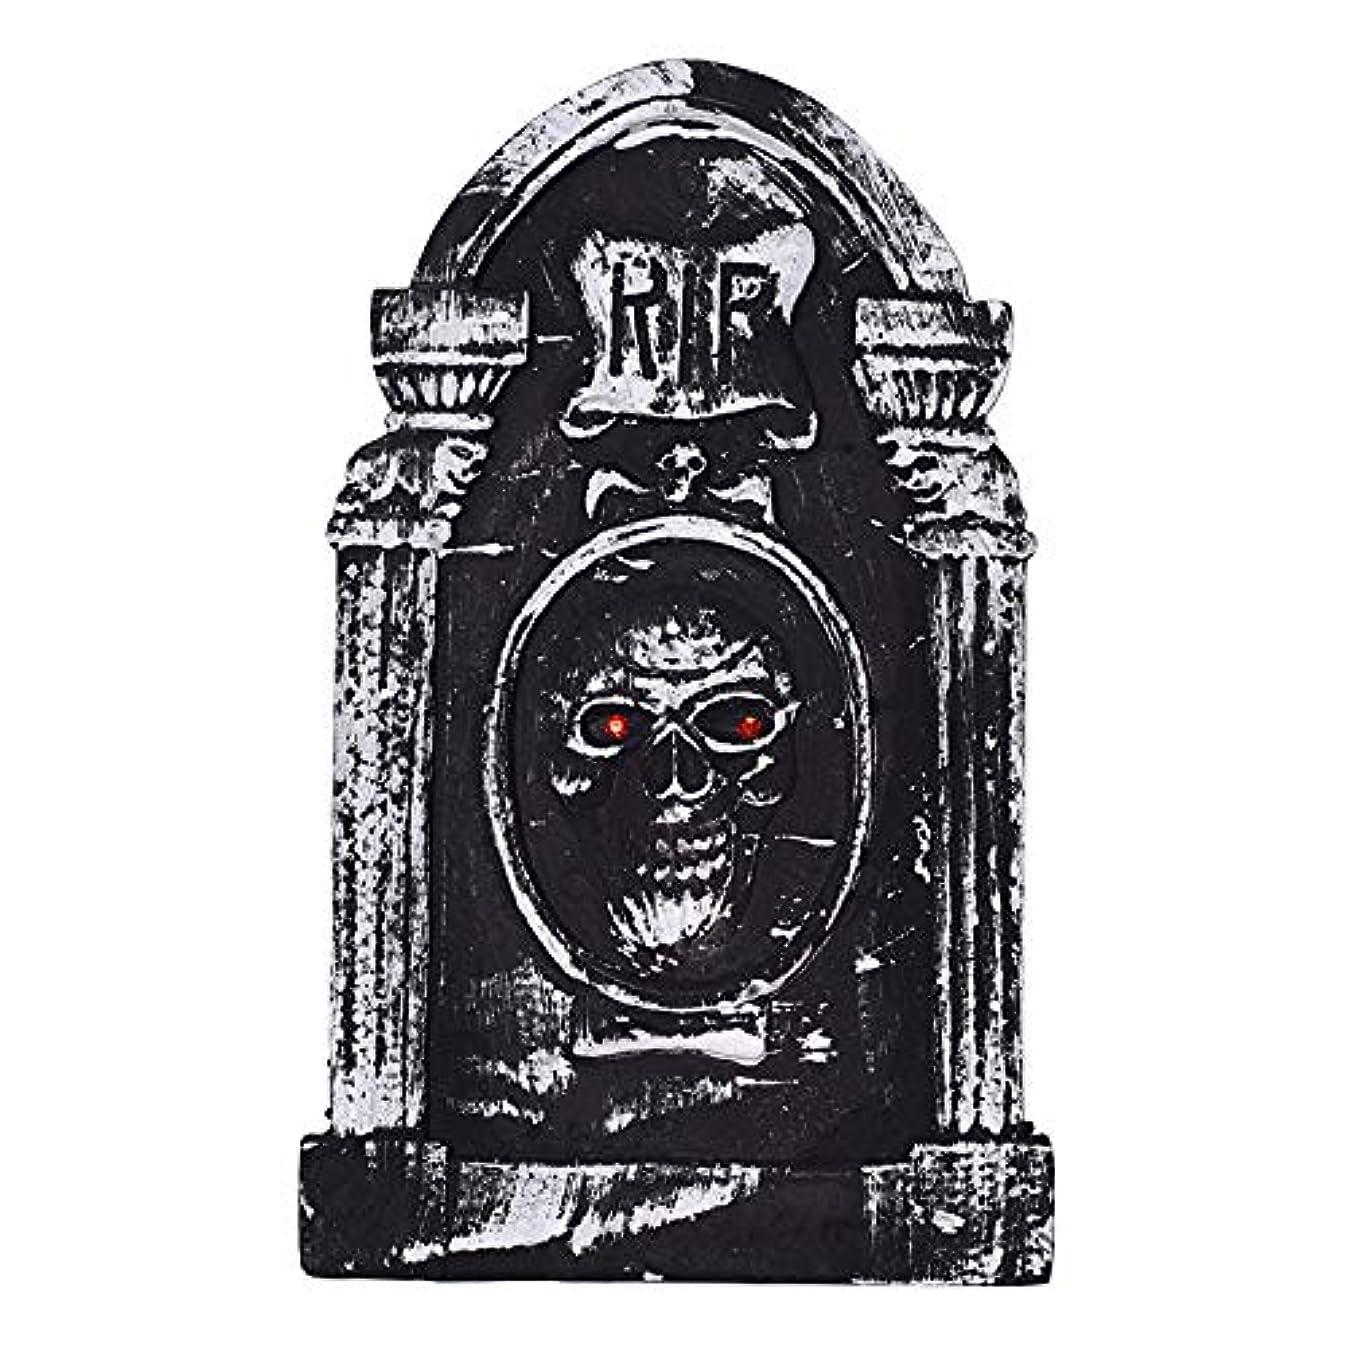 メール電化する哲学者ETRRUU HOME ハロウィーンステレオトゥームストーンバーお化け屋敷タトゥーショップシークレットルームシミュレーション恐怖悪装飾的な小道具